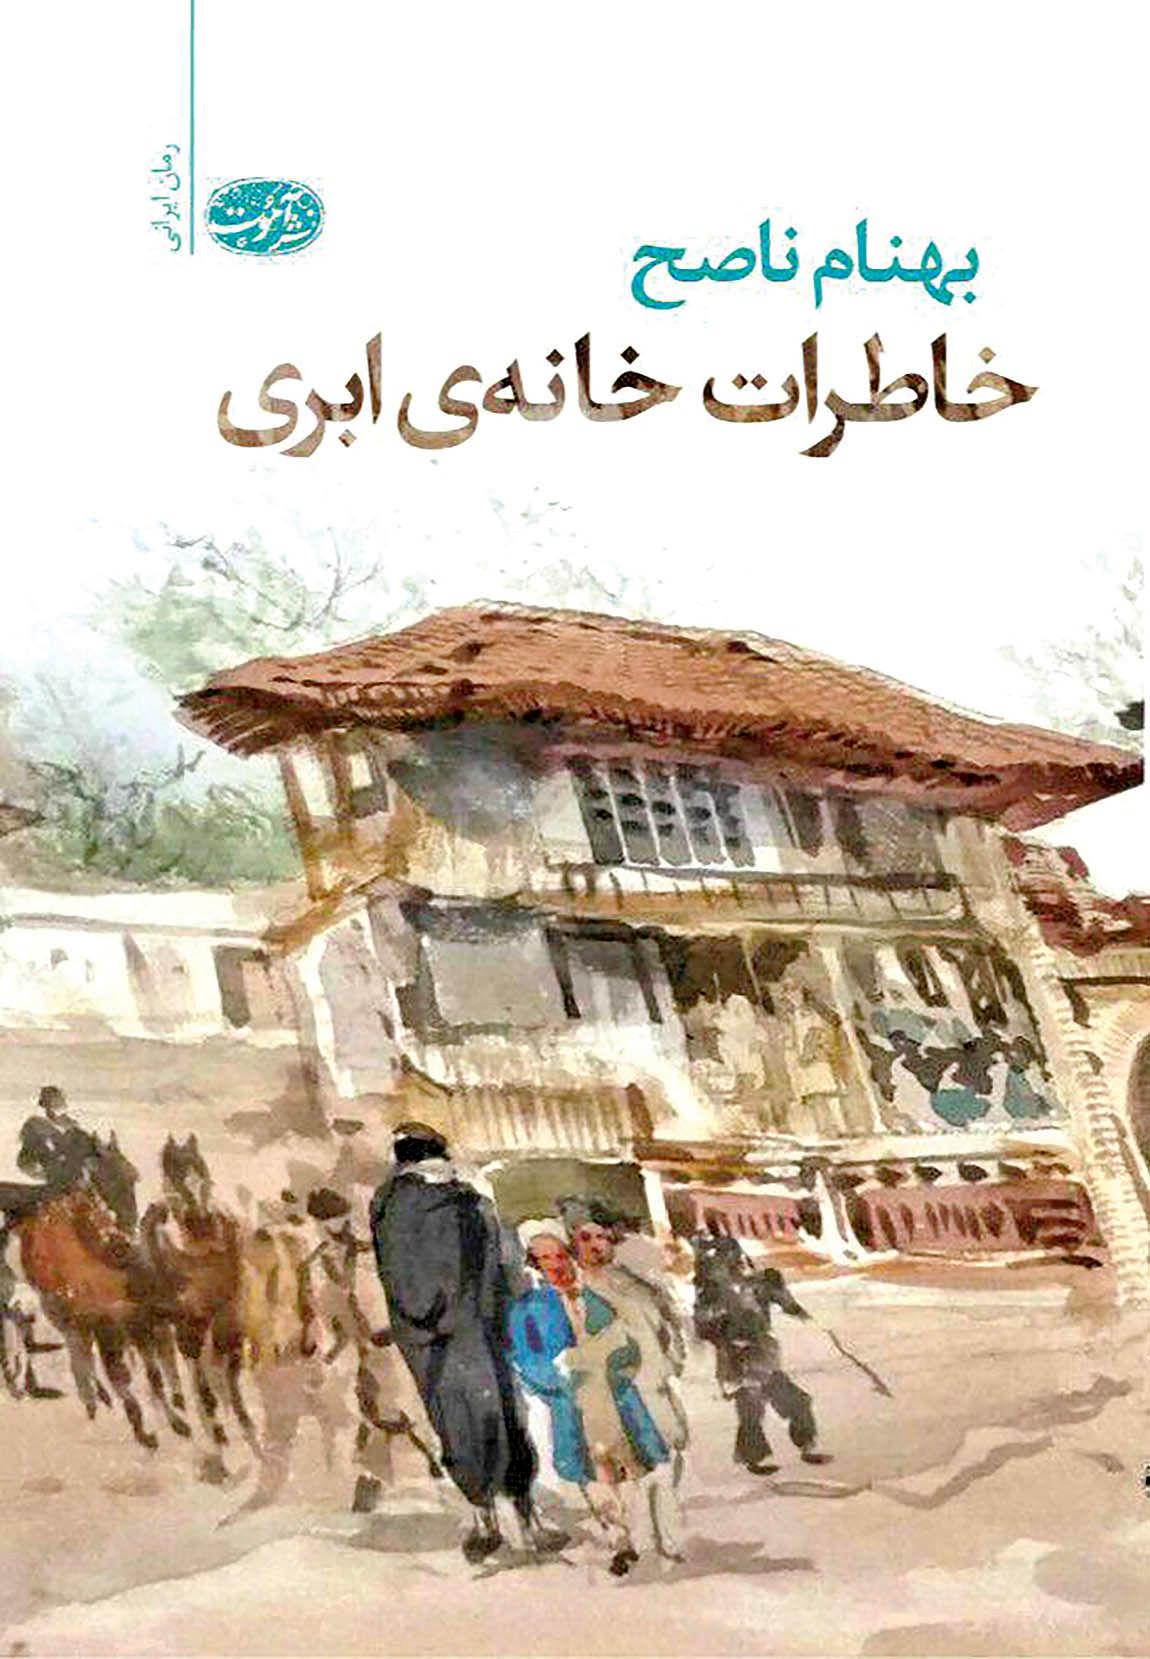 «خاطرات خانه ابری» روی پیشخوان کتابفروشیها